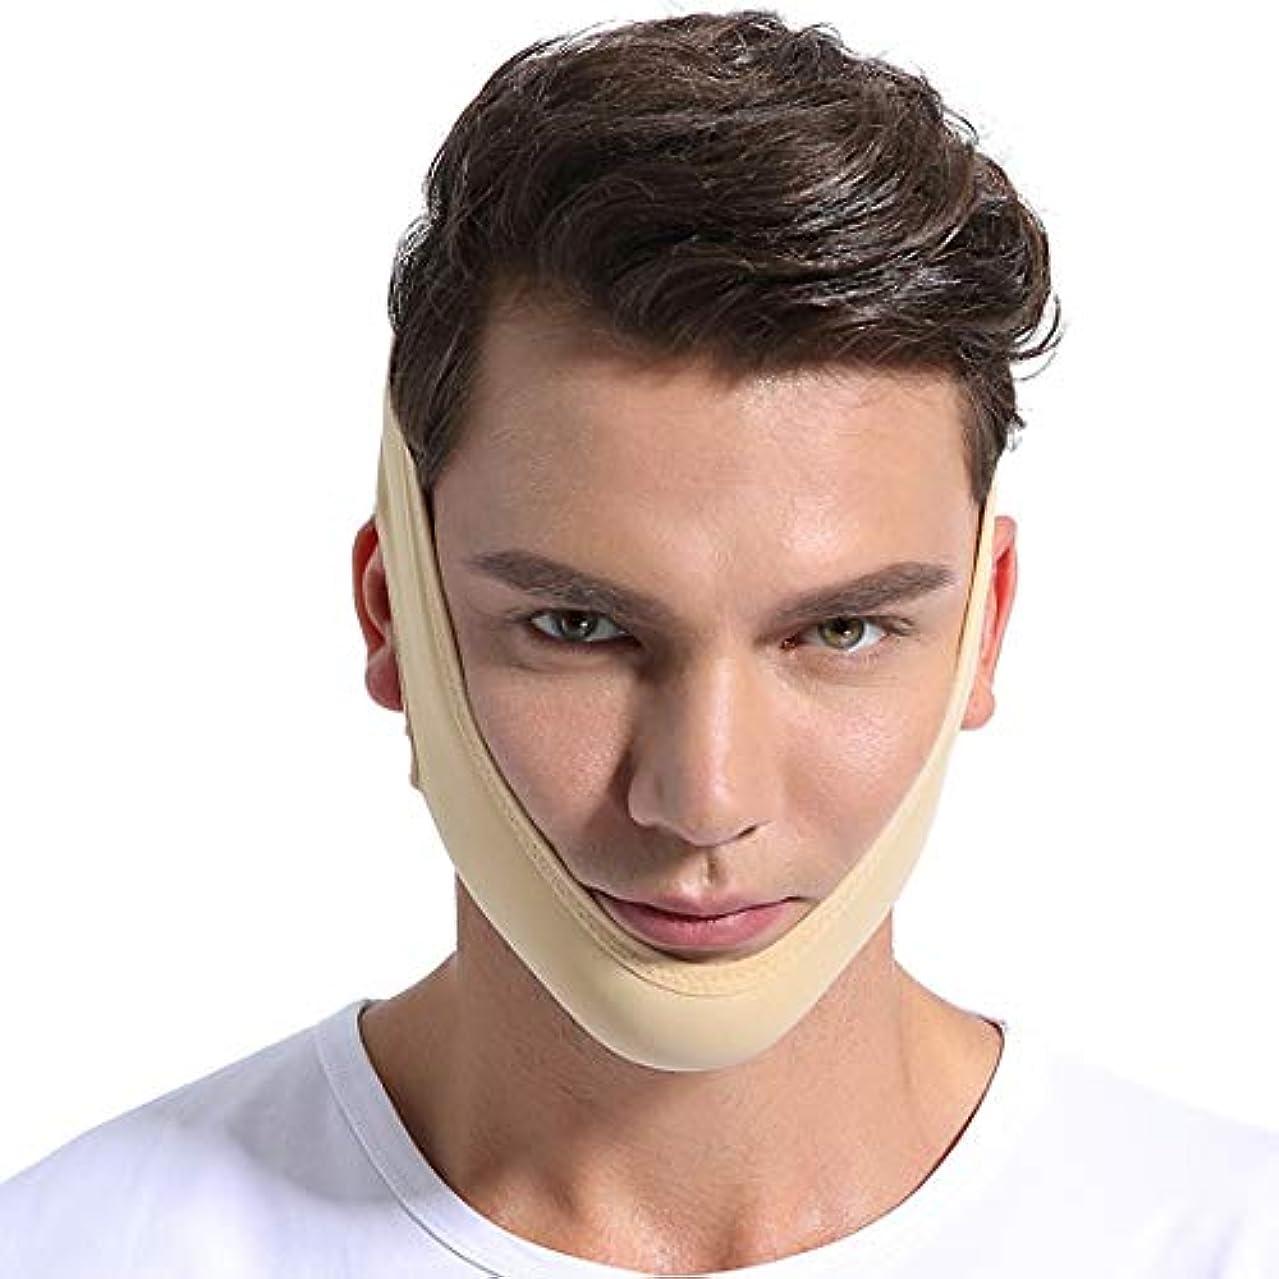 安らぎ形状写真ZWBD フェイスマスク, 薄い顔包帯医療フェイスライン彫刻術後回復リフティングマスク男性の女性の顔包帯ヘッドギアv顔薄い顔アーティファクト